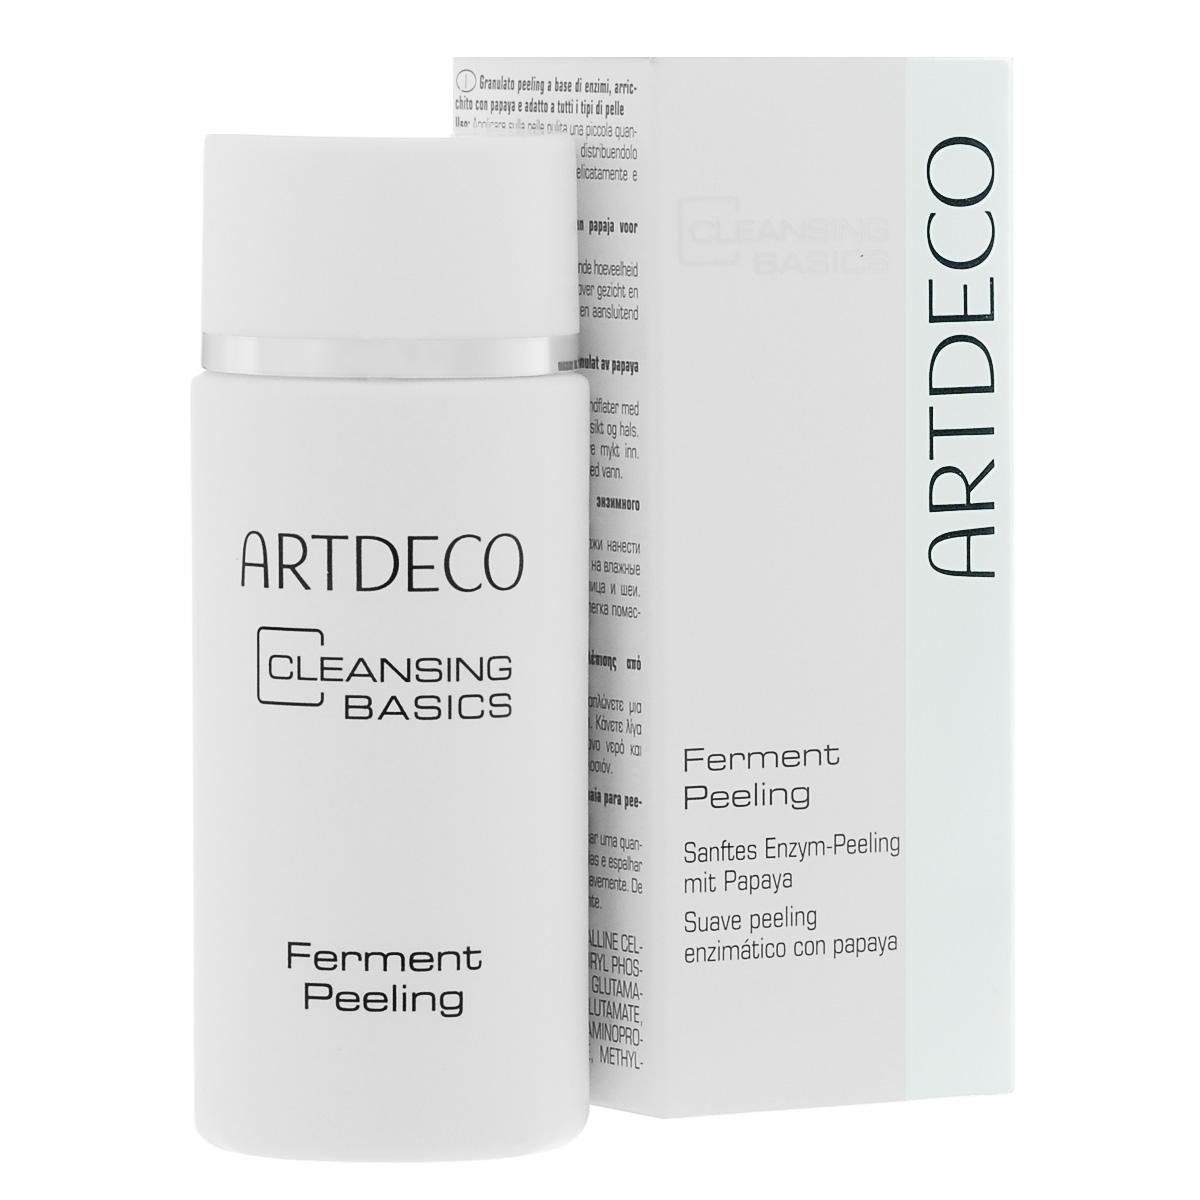 ARTDECO Ферментный пилинг Pure Minerals Ferment Peeling, 30 г6806Нежная пена для пилинга мягко удаляет отмершие частицы кожи и придает коже свежесть и гладкость. Пена отлично подходит для ухода за кожей, склонной к акне и покраснениям, так как не содержит отшелушивающих гранул. Продукт очень экономичен в использовании. Подходит для всех типов кожи. Содержит папаин (фермент, полученный из плодов папайи).